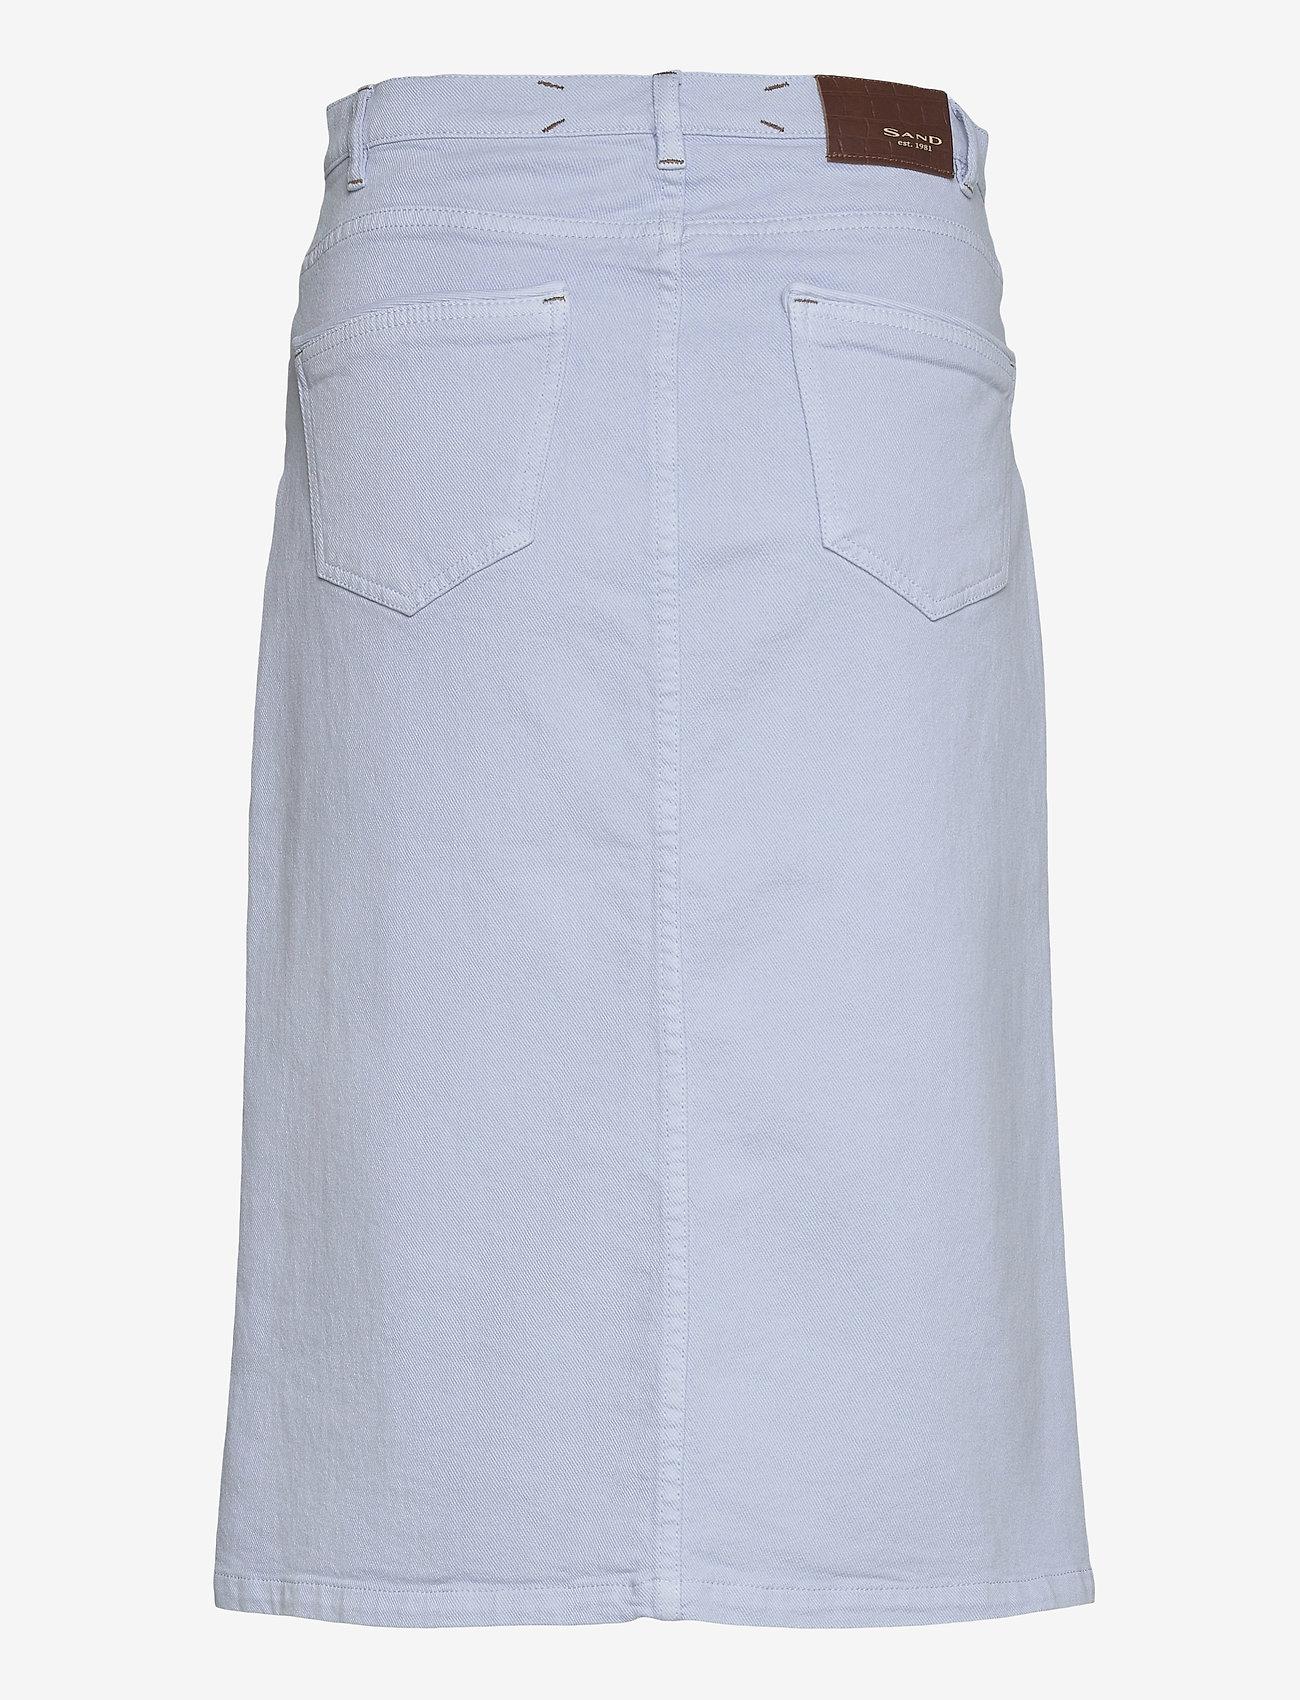 SAND - 0639 - Kathy Skirt - midi kjolar - light blue - 1